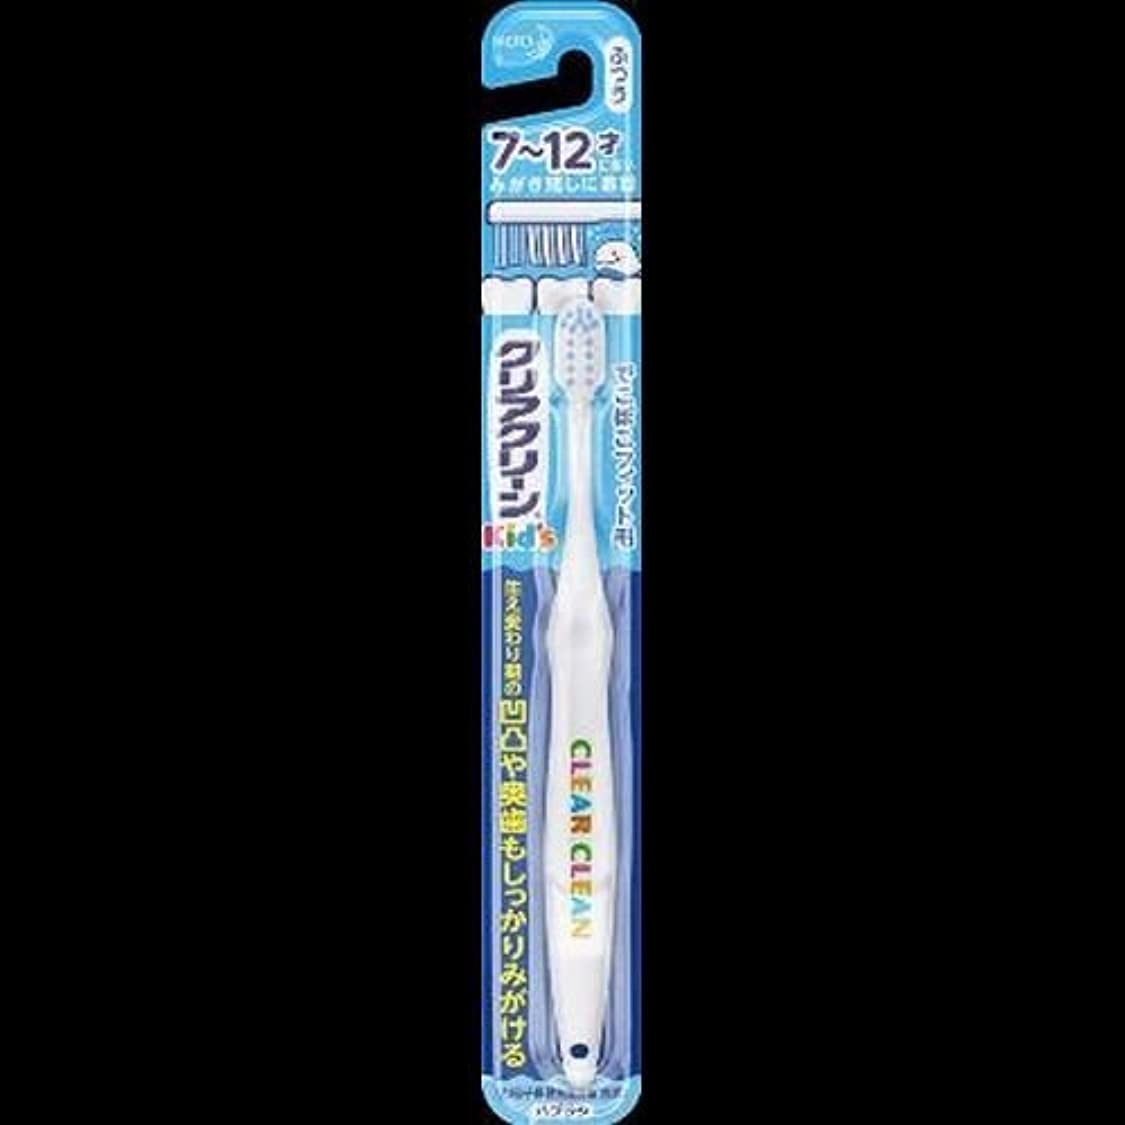 個人的なアノイ赤【まとめ買い】クリアクリーン Kid's ハブラシ7~12才向け 1本 ×2セット